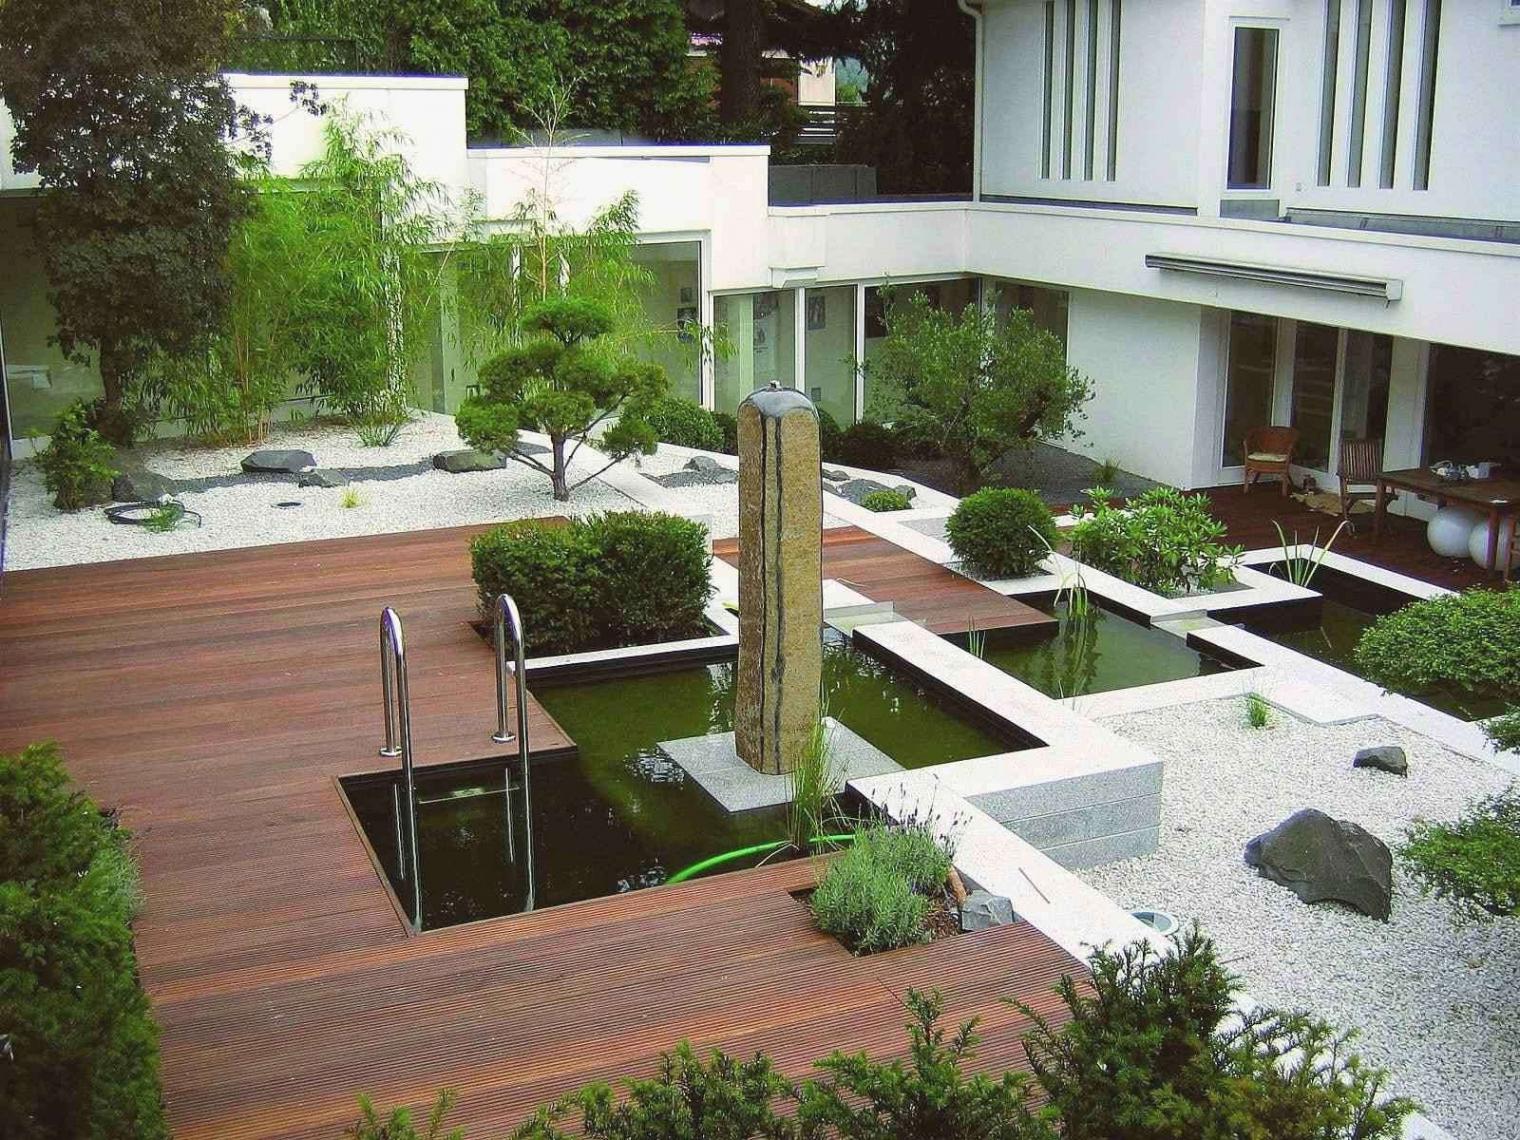 Bilder Von Gärten Neu Gartengestaltung Kleine Gärten — Temobardz Home Blog